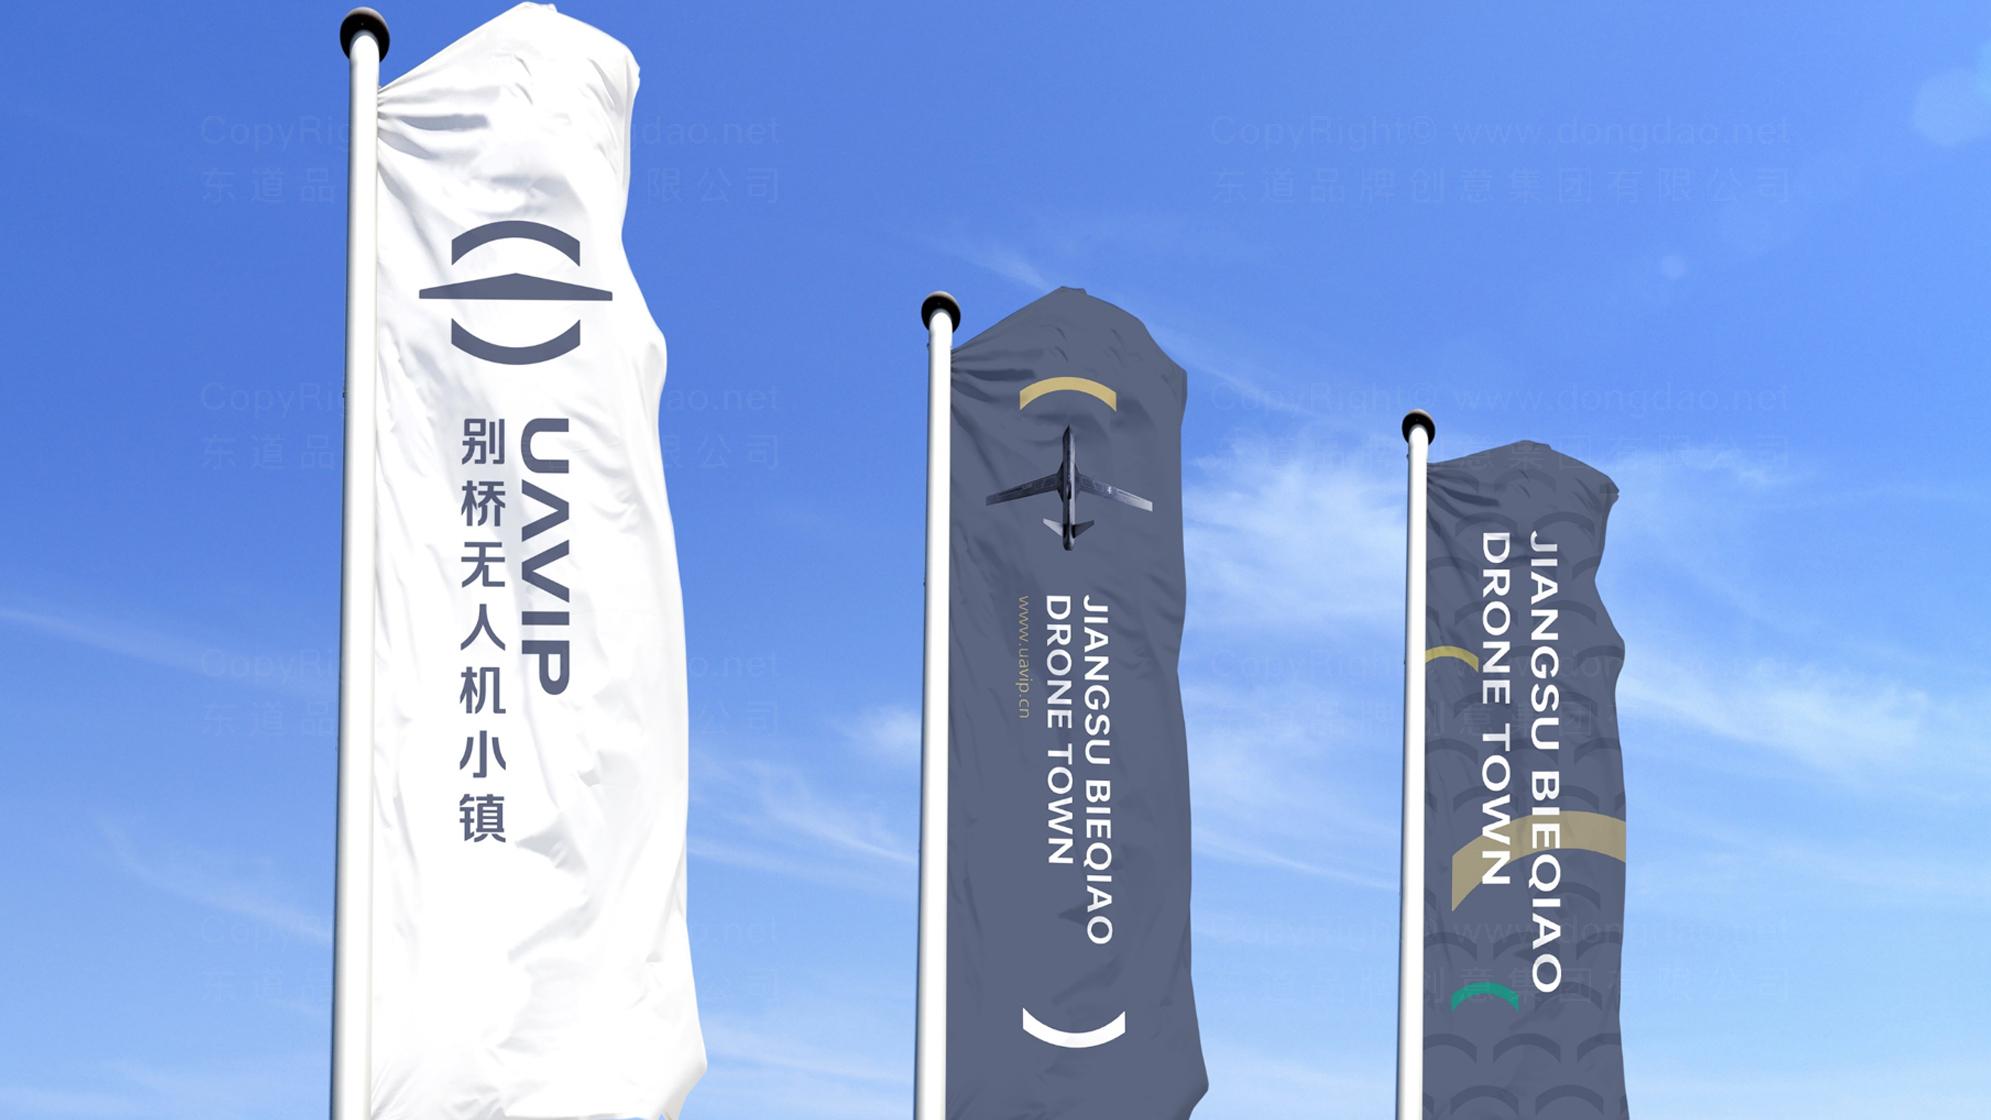 品牌设计别桥无人机小镇标志设计应用场景_7